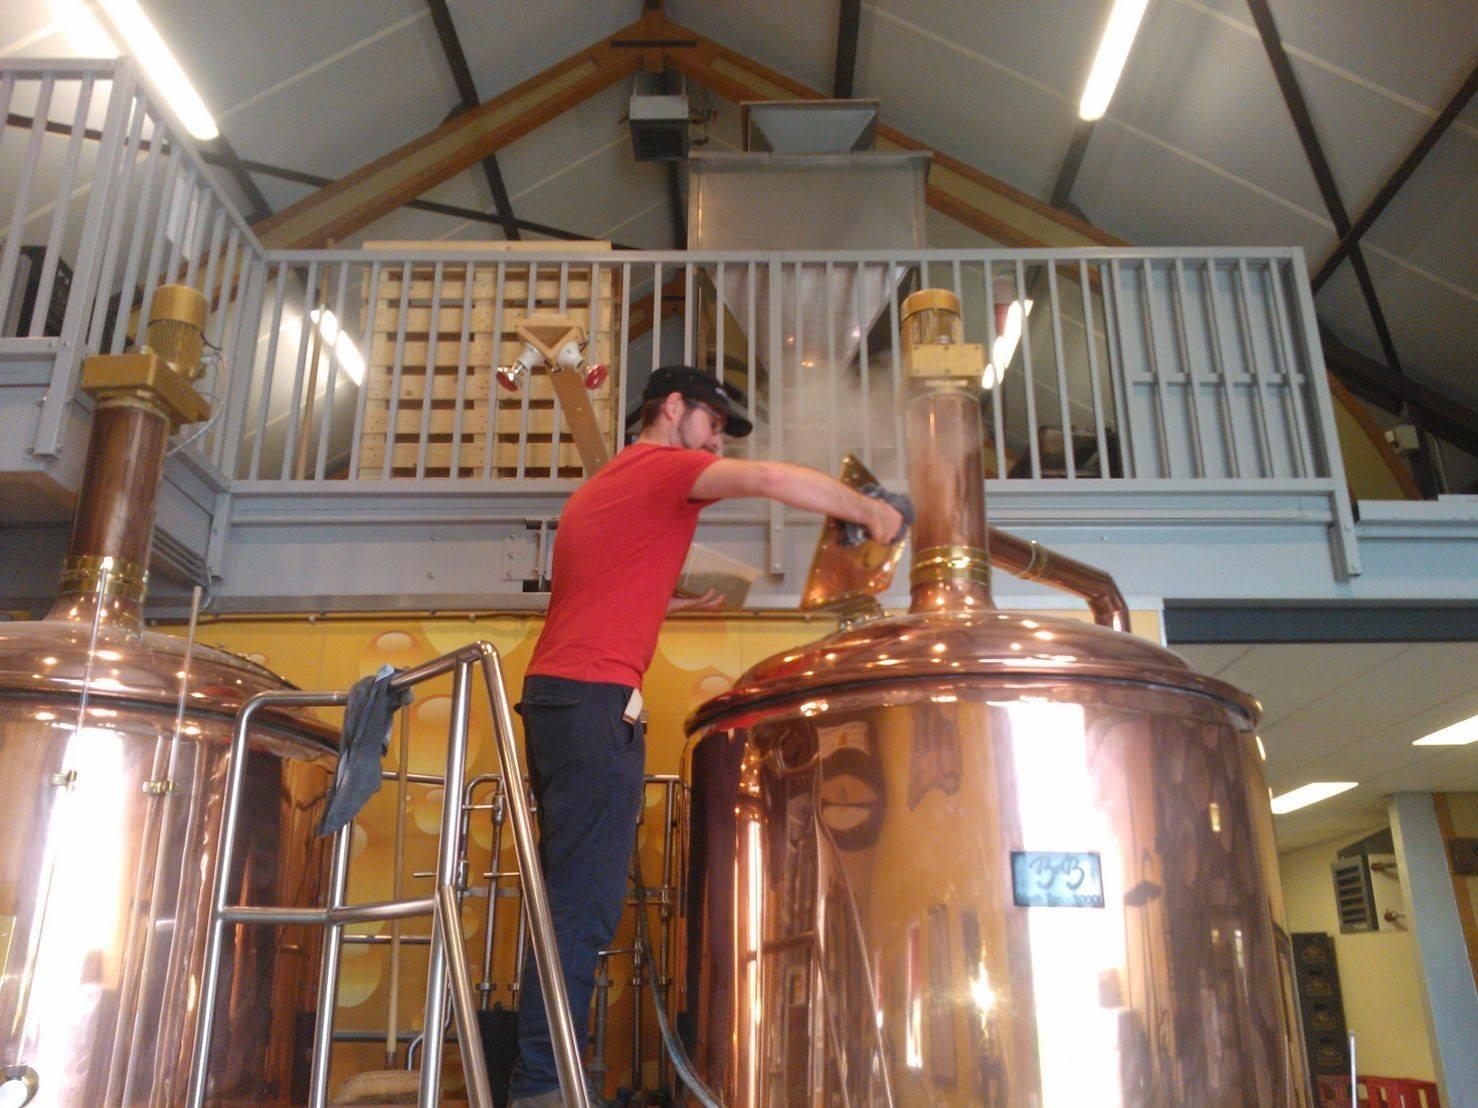 """<p>Dennis Kort brouwt op 28 september 2014 bij <a href=""""databank/brouwerij?brouwerij_id=1049"""" target=""""_blank"""" rel=""""noopener"""">Bronckhorster Brewing Company</a></p>"""